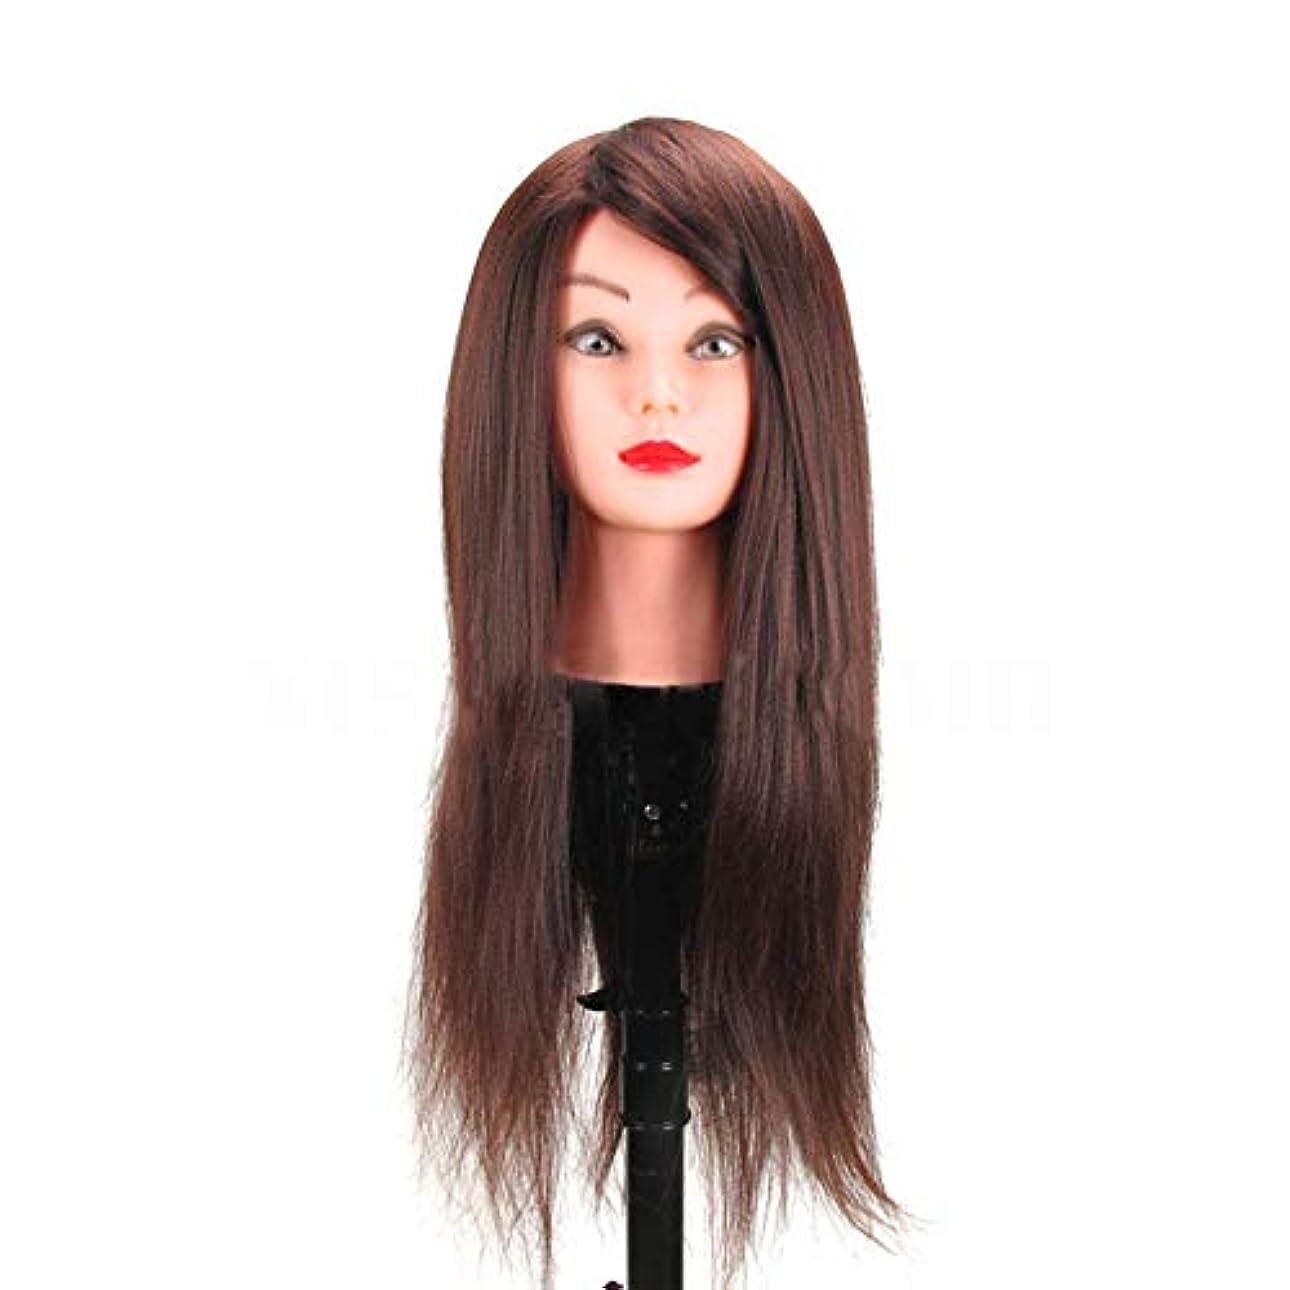 行たっぷりセイはさておき高温シルク編組ヘアスタイリングヘッドモデル理髪店理髪ダミーヘッド化粧練習マネキンヘッド